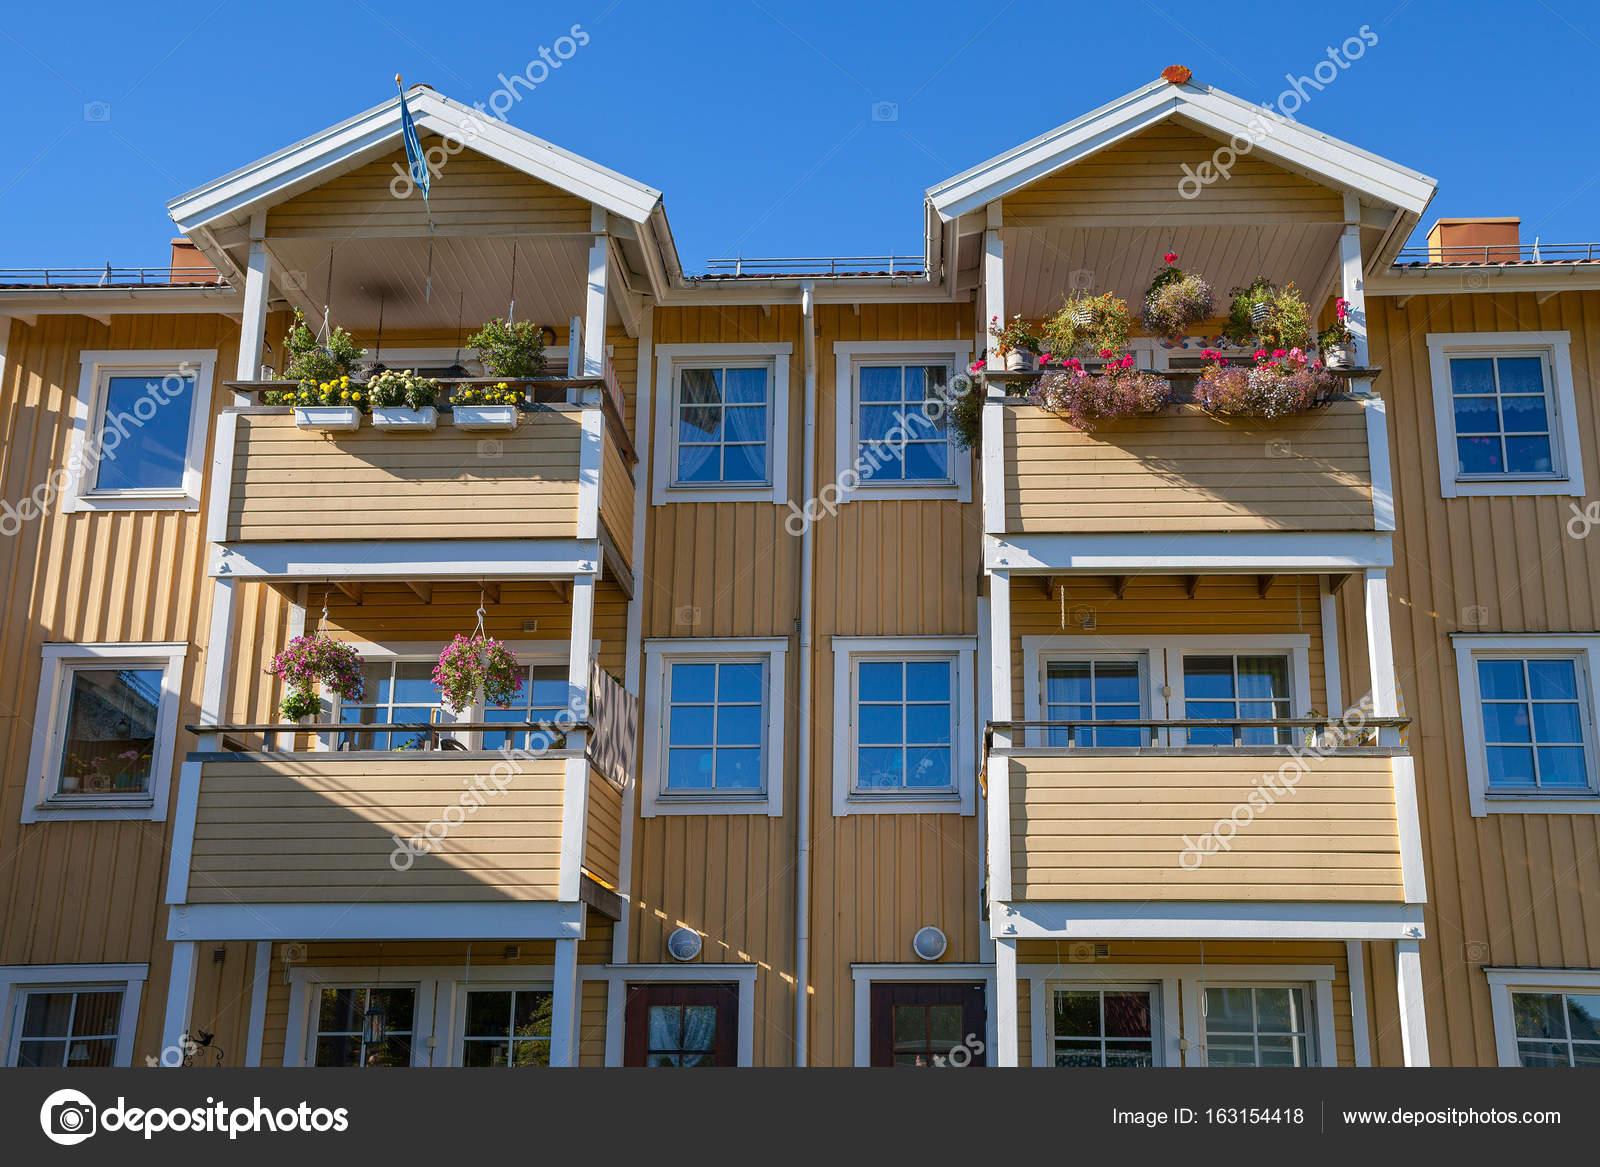 Moderna casa de madera (bloque) con balcones y flores — Fotos de ...